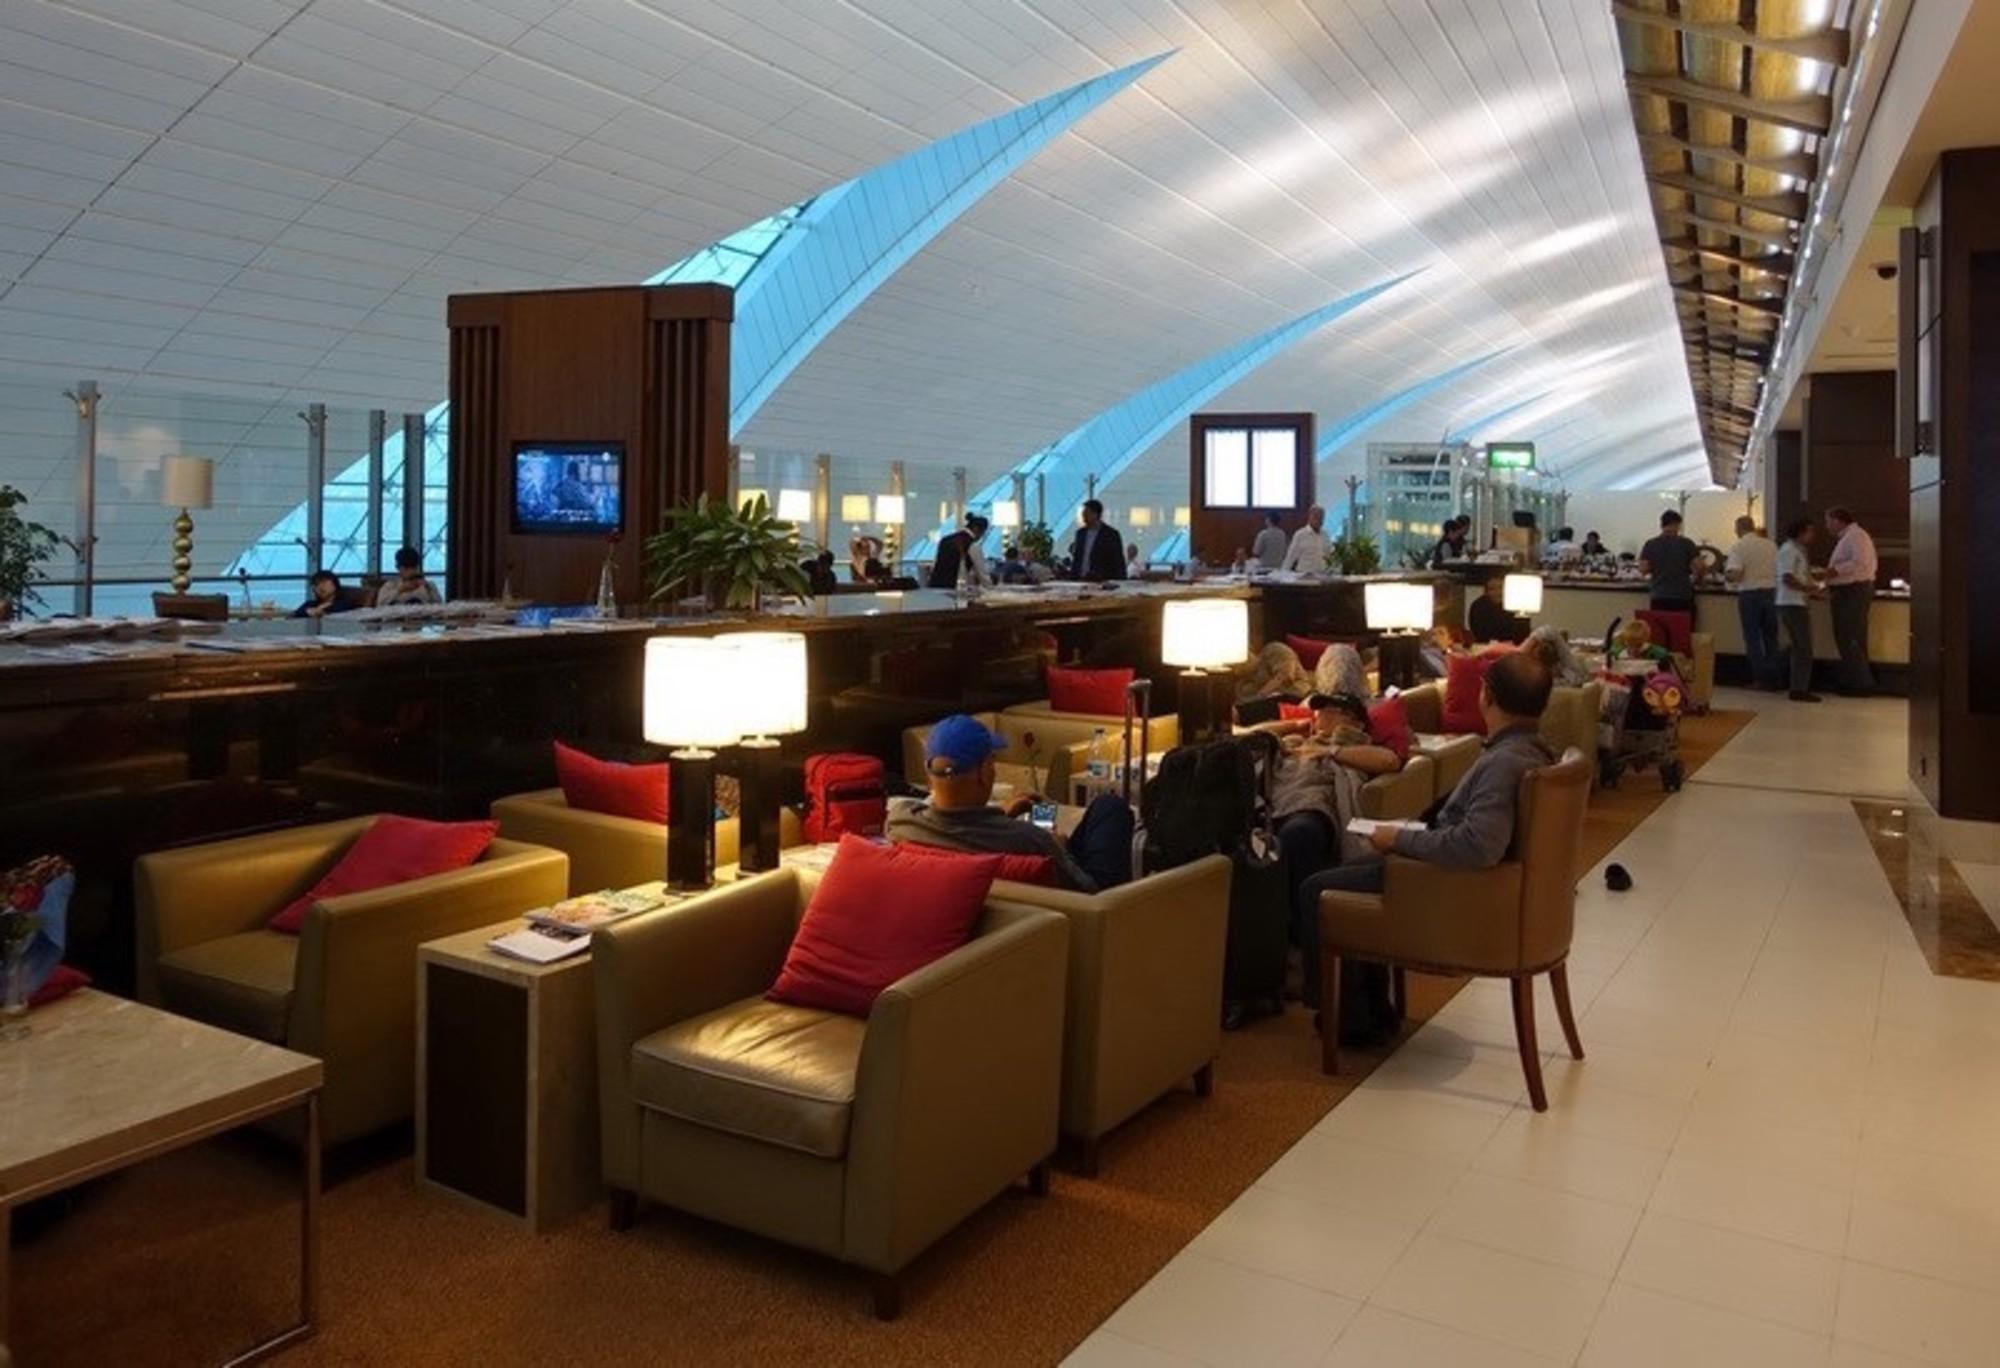 DXB: Marhaba Lounge Reviews & Photos - Terminal 3, Concourse A ...